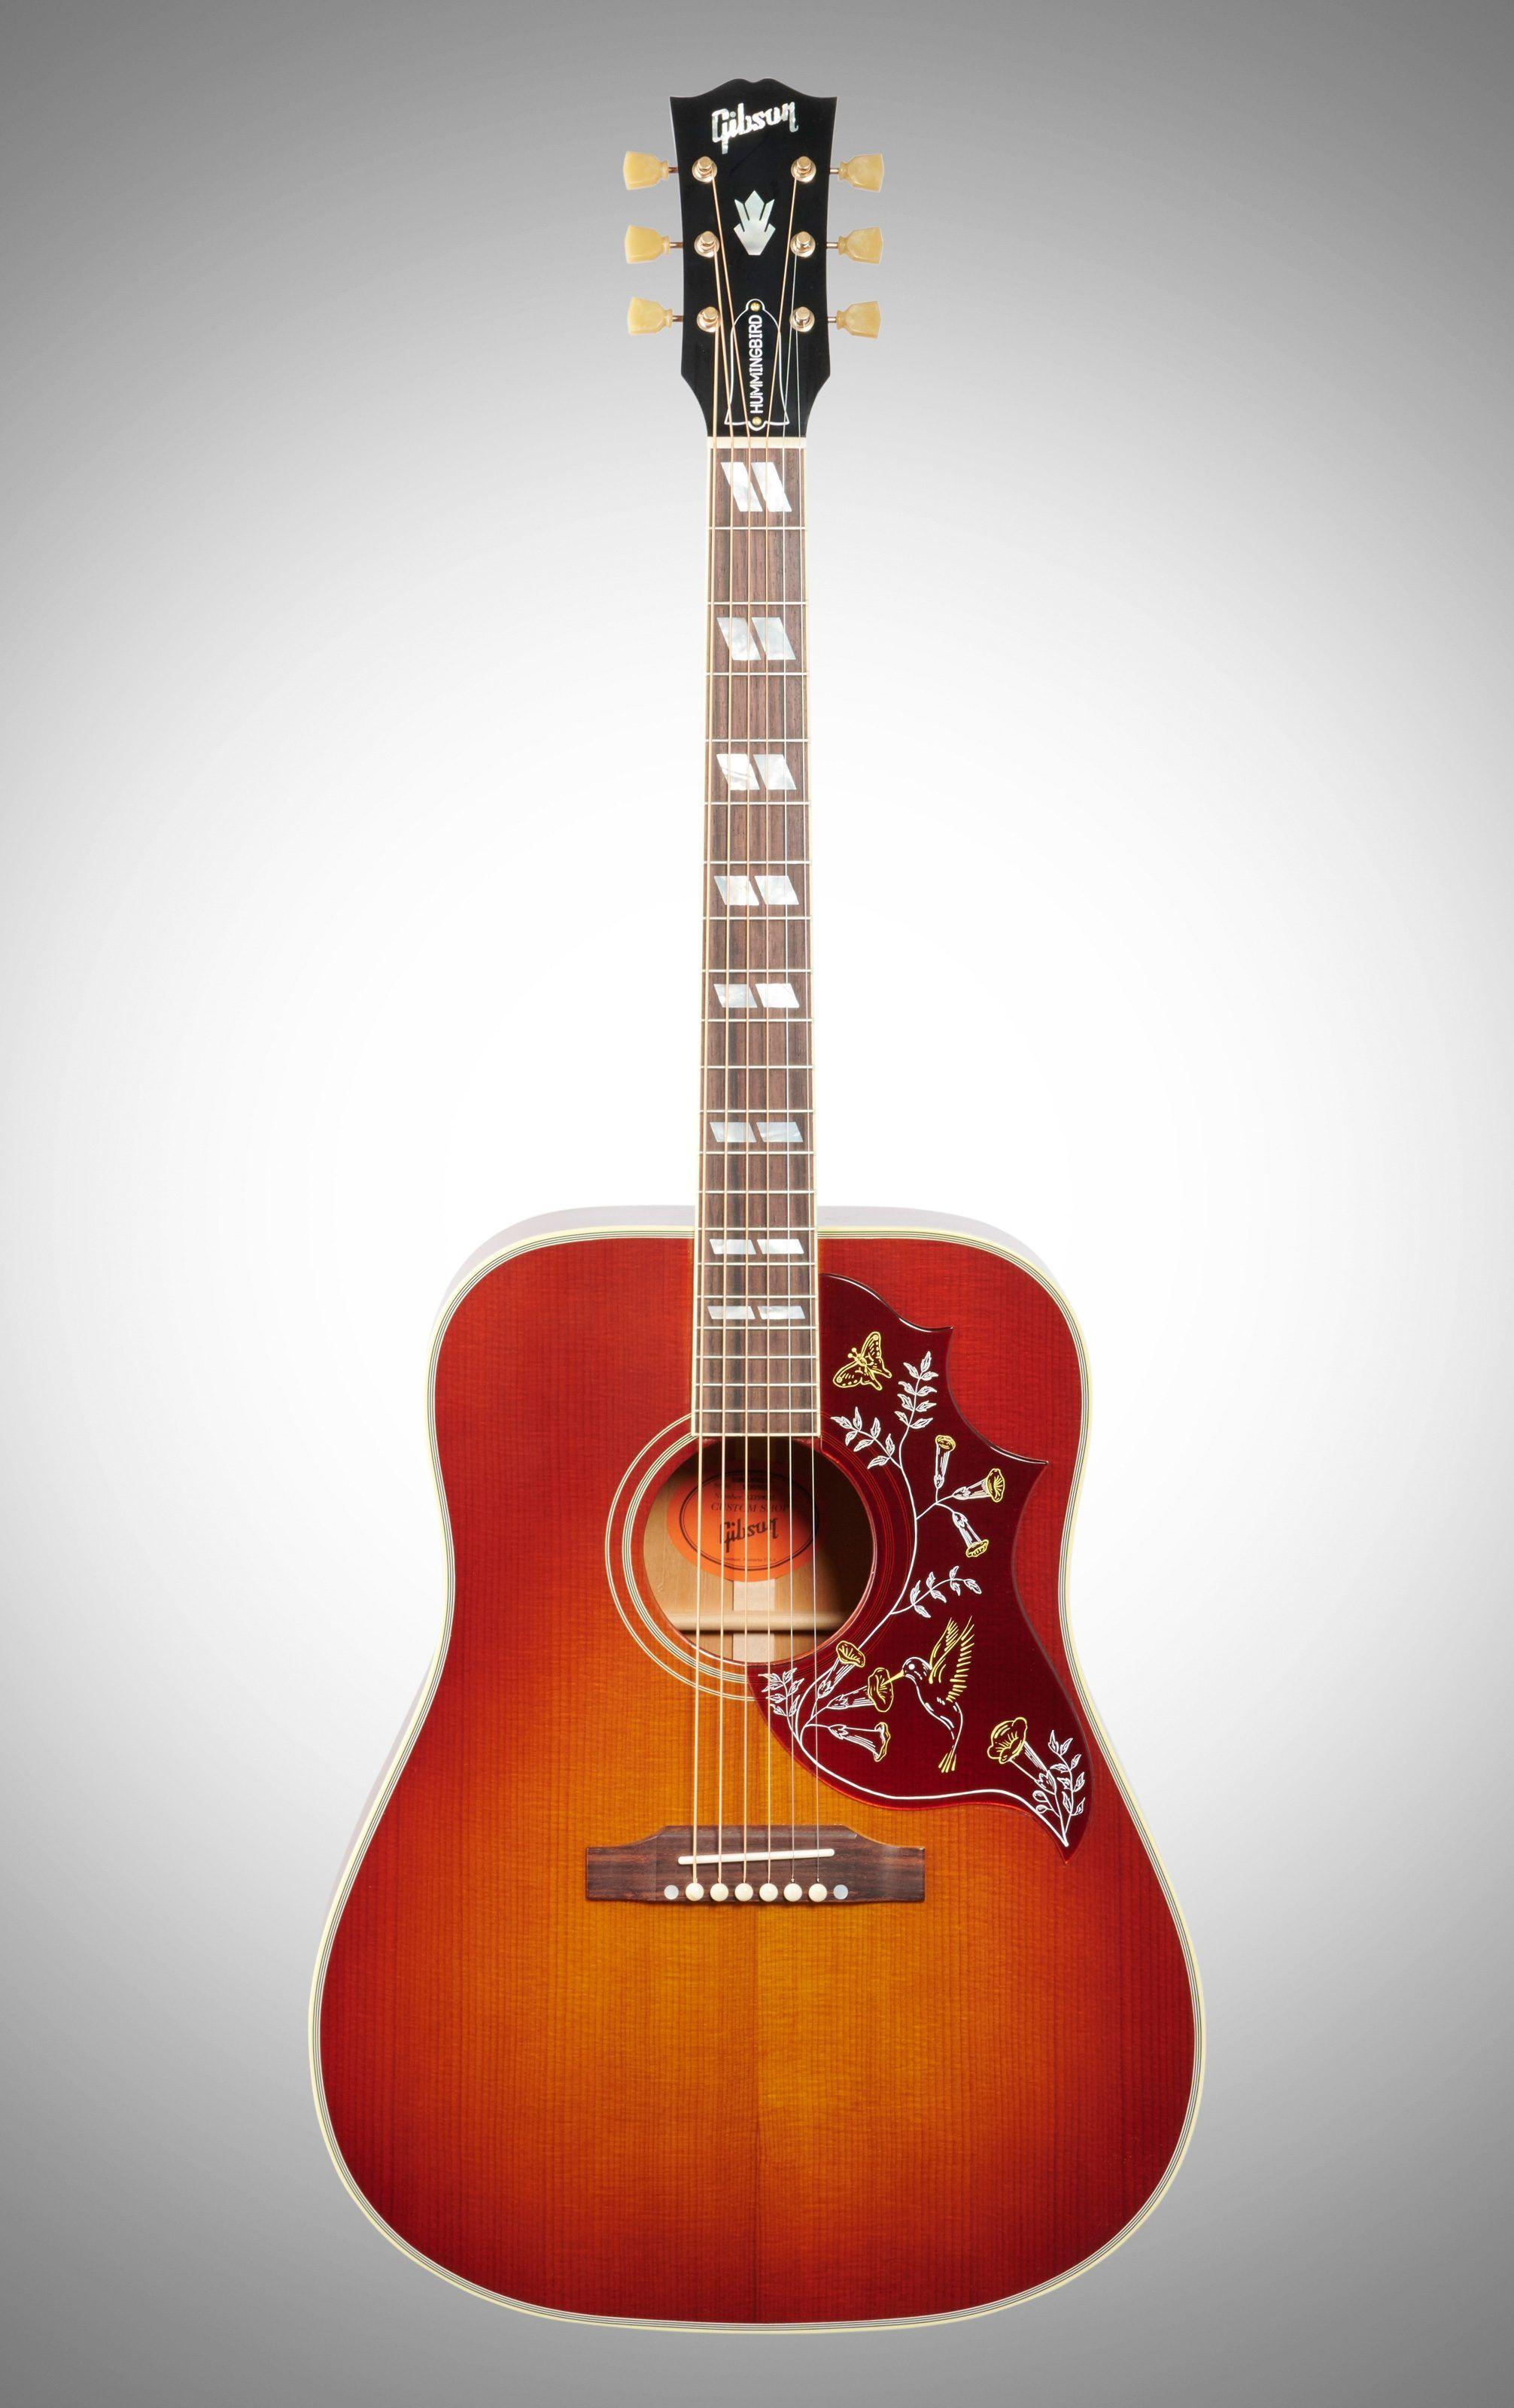 Set List Zzounds Premium Acoustic Guitar Acoustic Guitar Guitar Acoustic